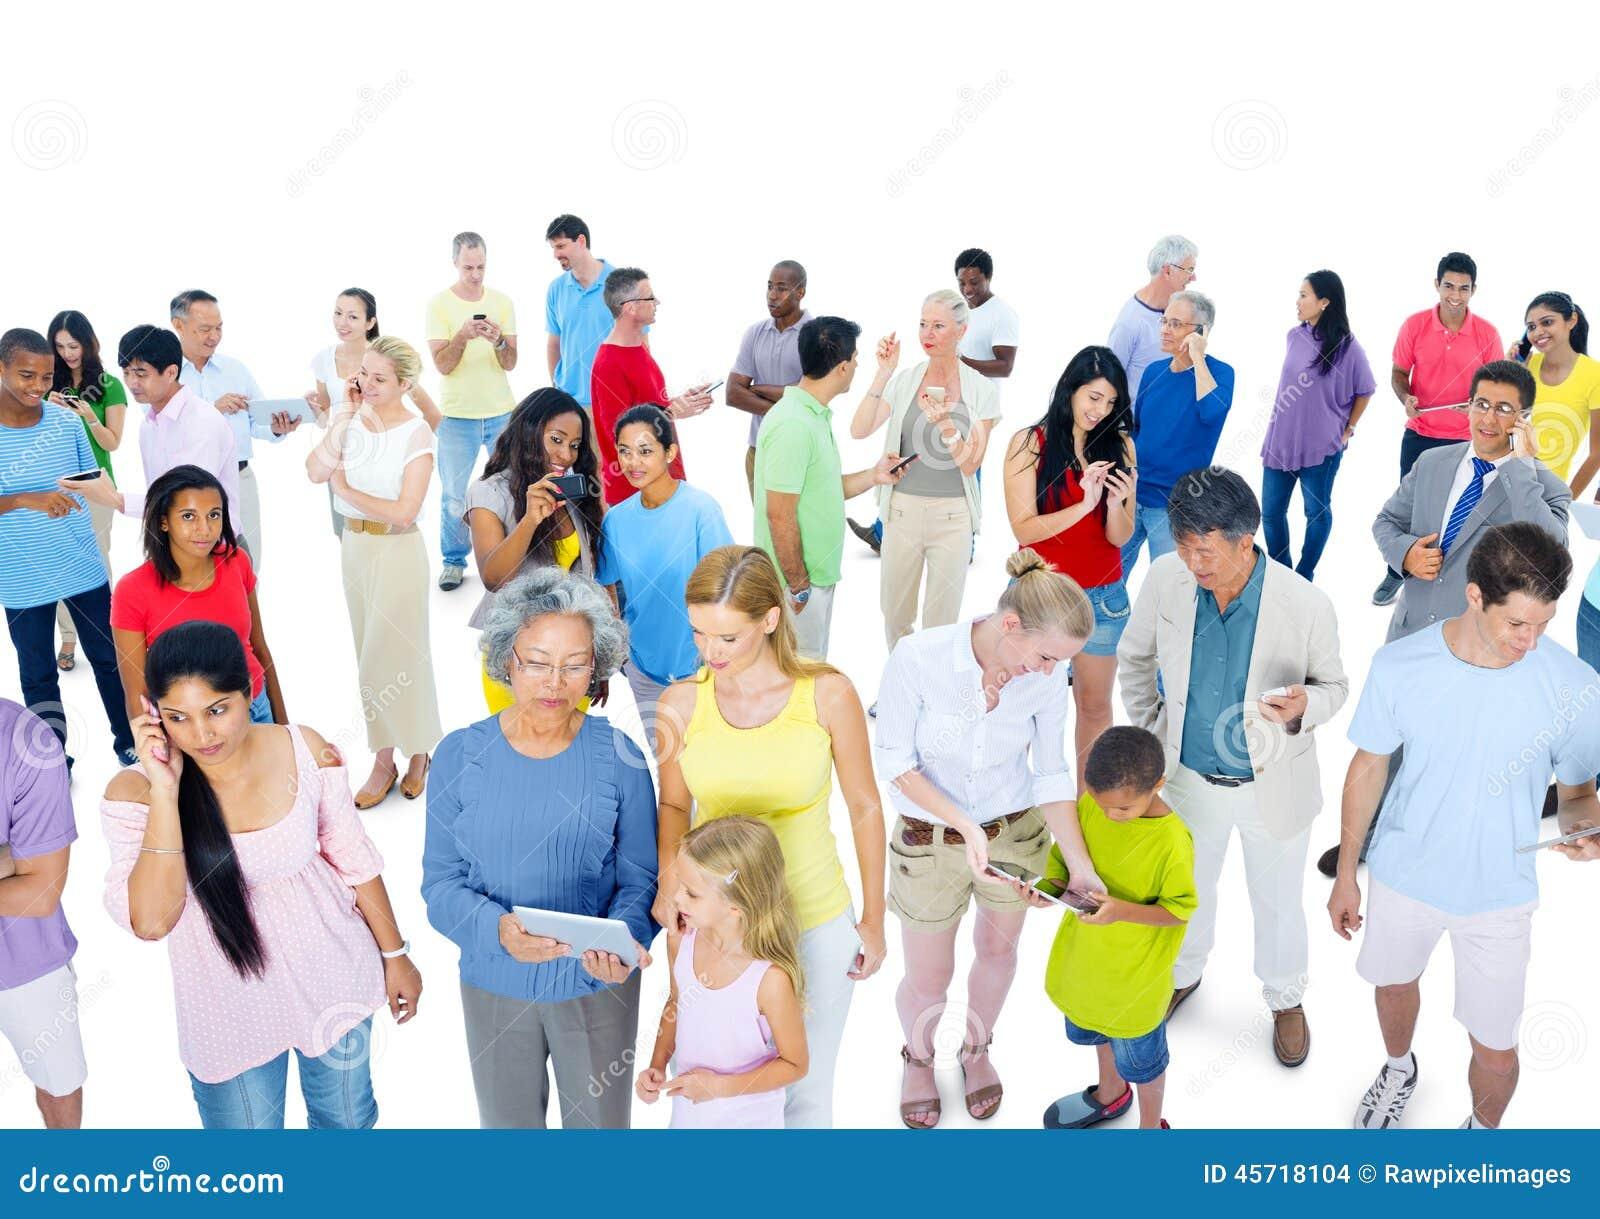 Stor folkmassa av folk som kläs tillfälligt